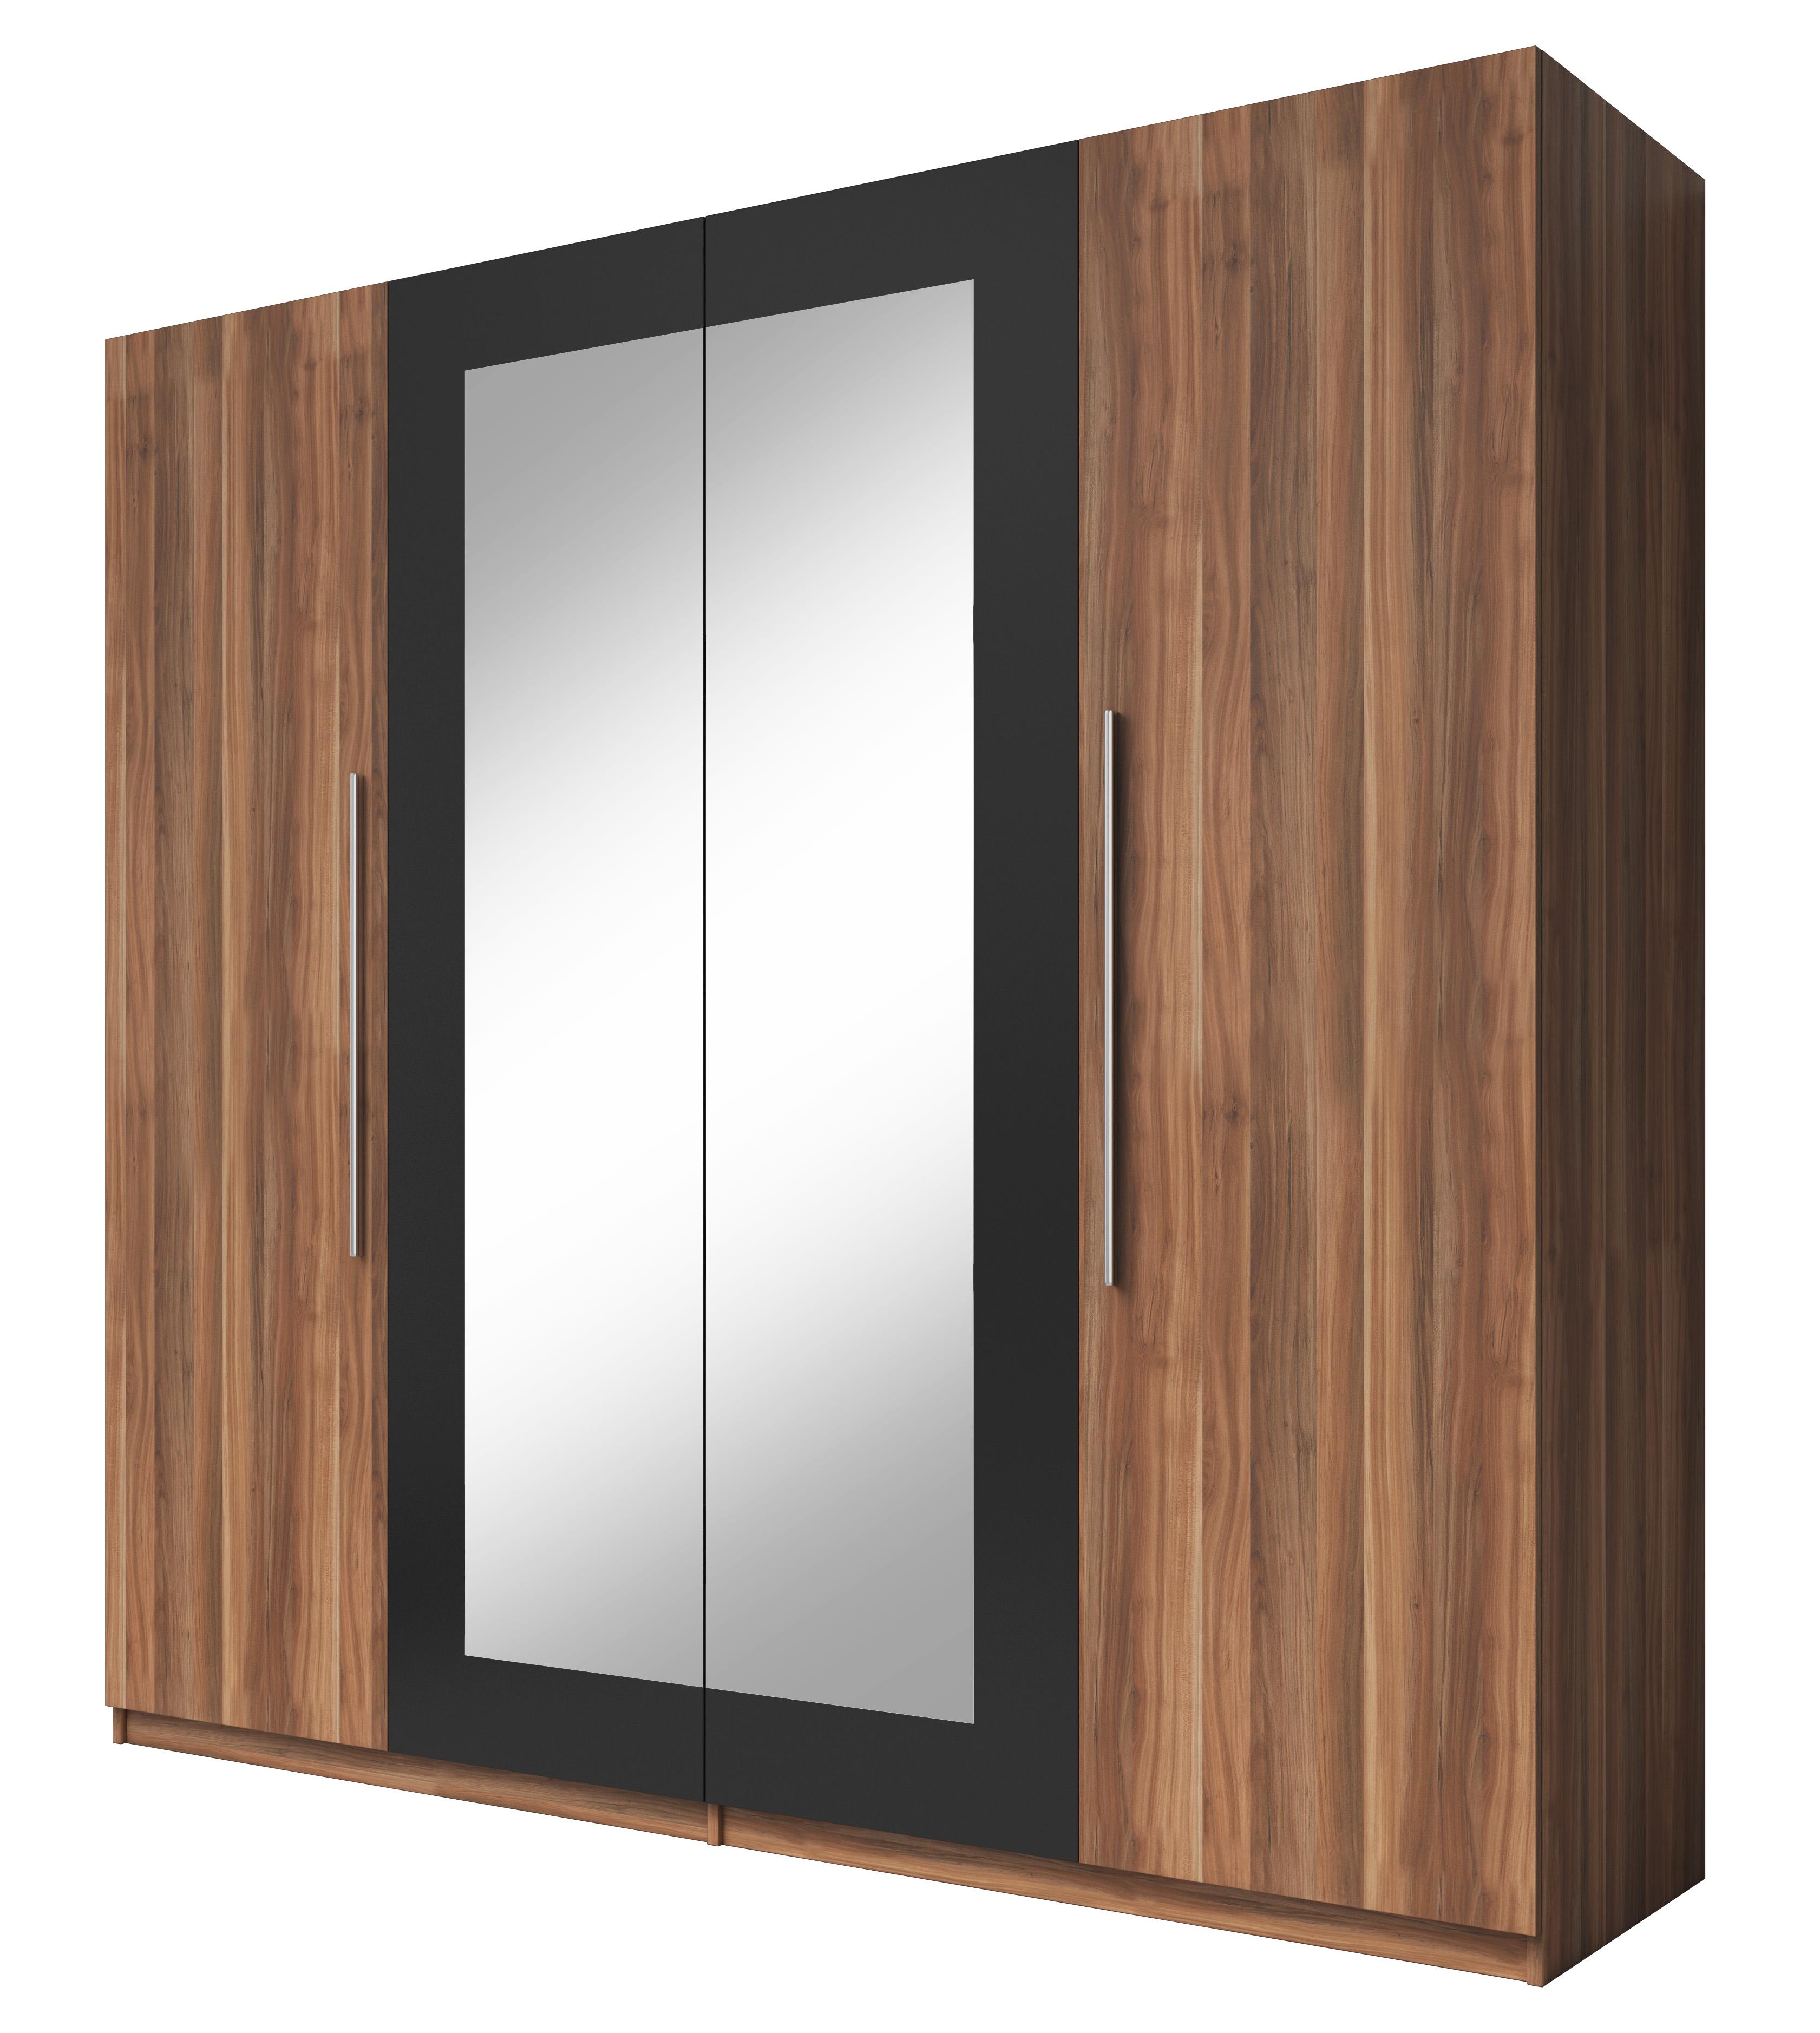 Šatní skříň - Verwood - Typ 20 (ořech + černá)